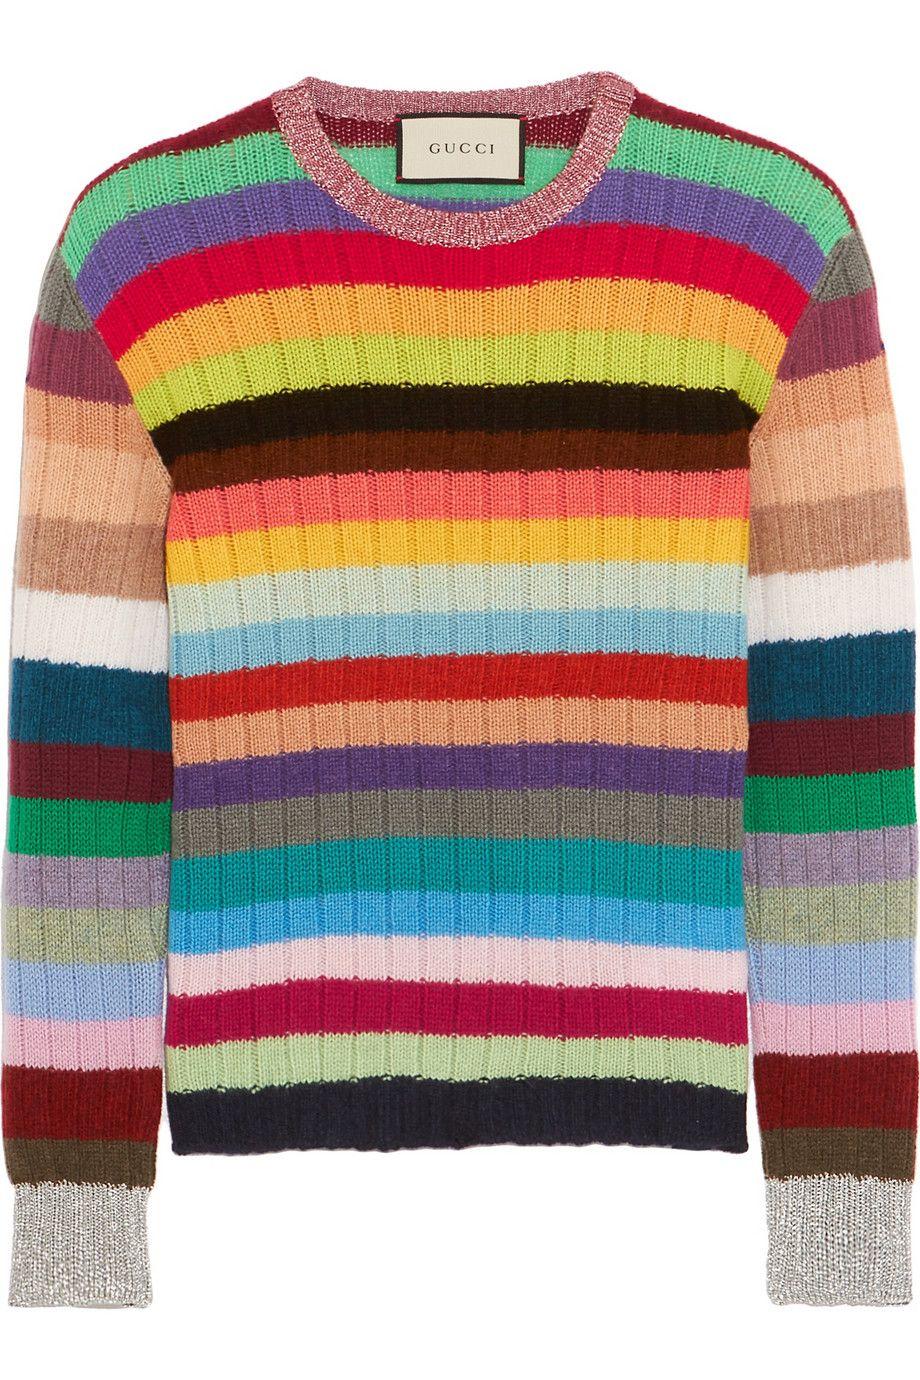 Полный набор разноцветных наклеек mavik на ebay купить мавик по себестоимости в волжский